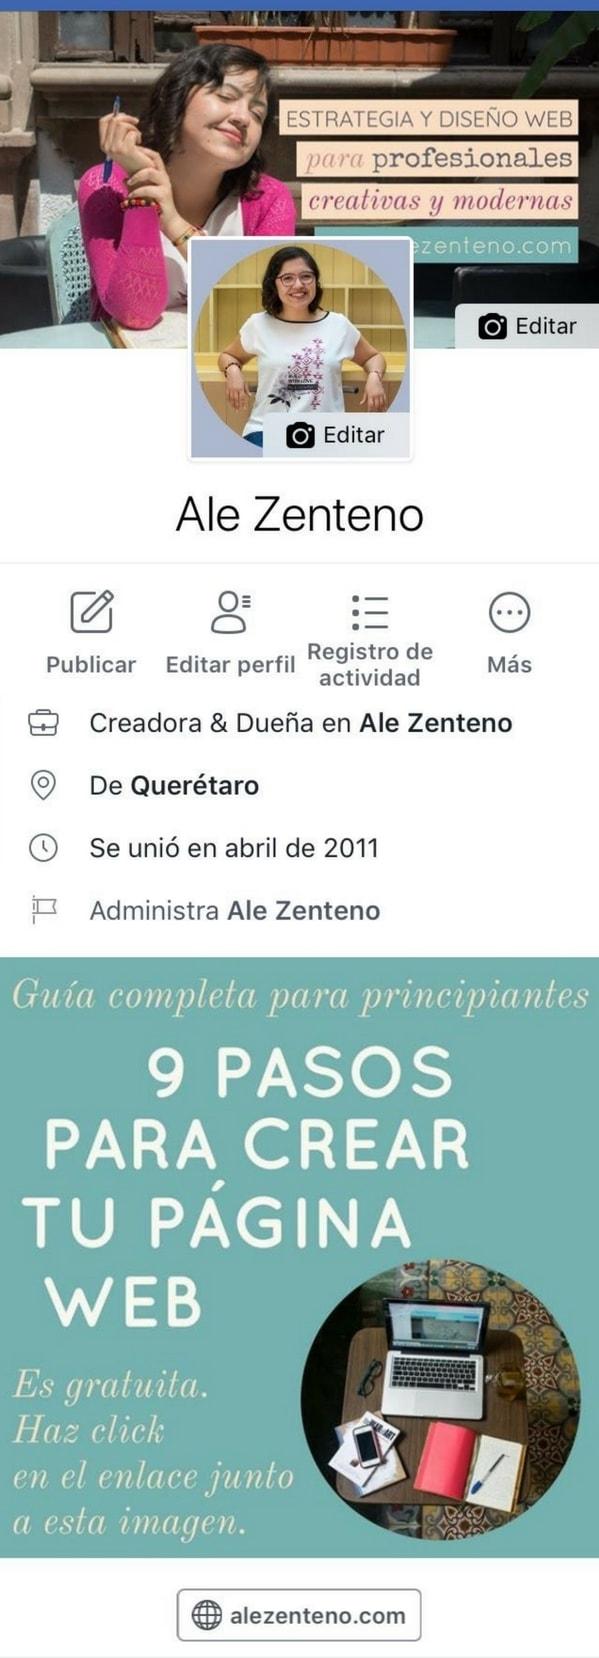 Pantalla de perfil de facebook visto desde el celular.jpg